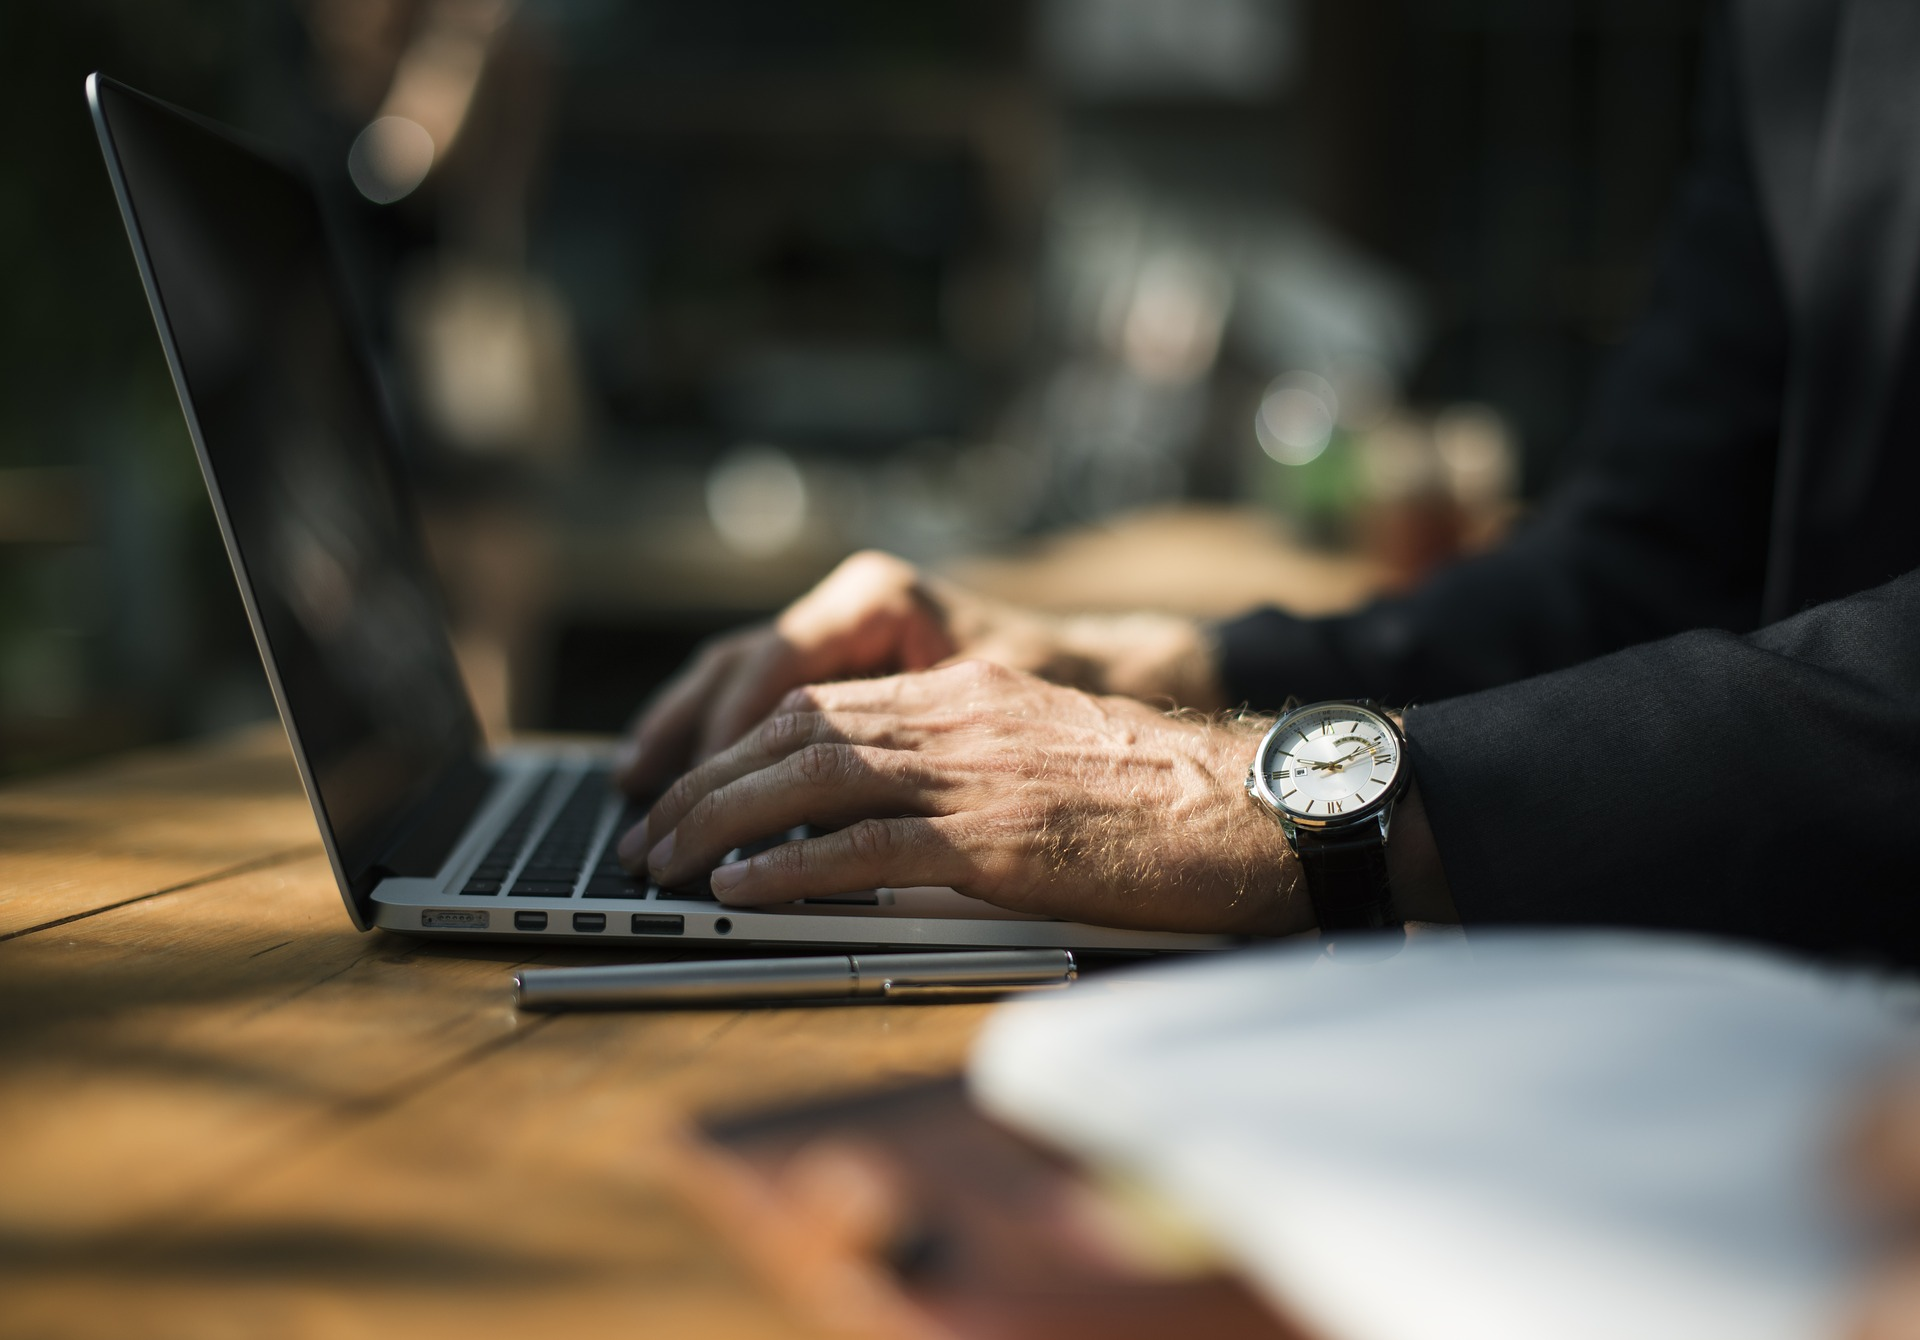 uhr-hand-laptop-tippen-hände